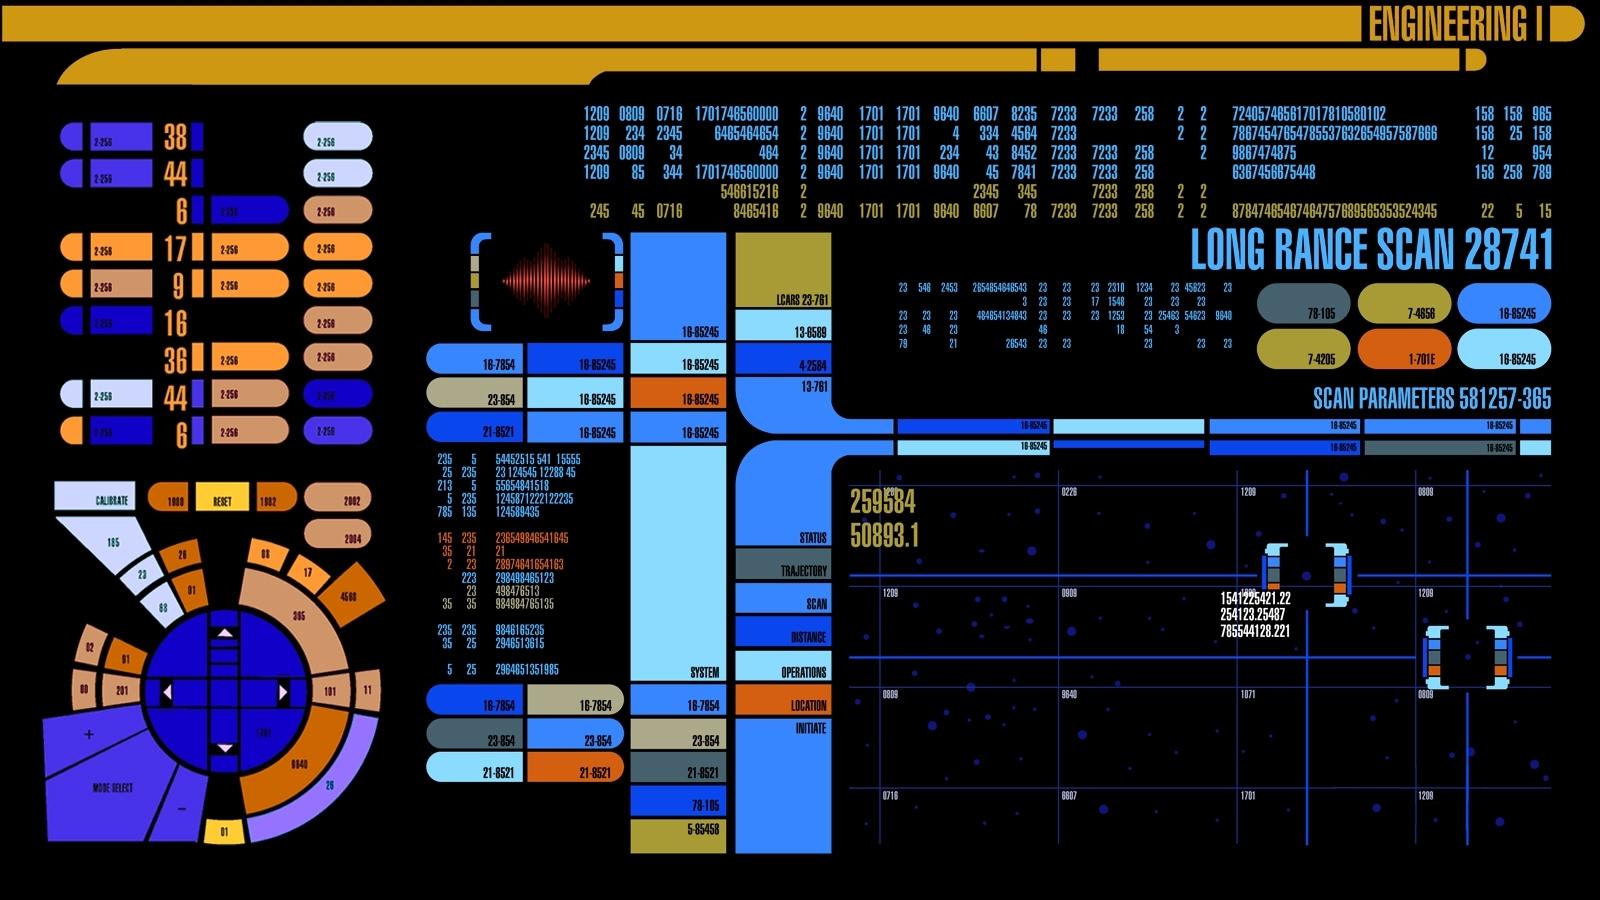 star trek control lcars starship 1600x900 wallpaper Wallpaper 1600x900